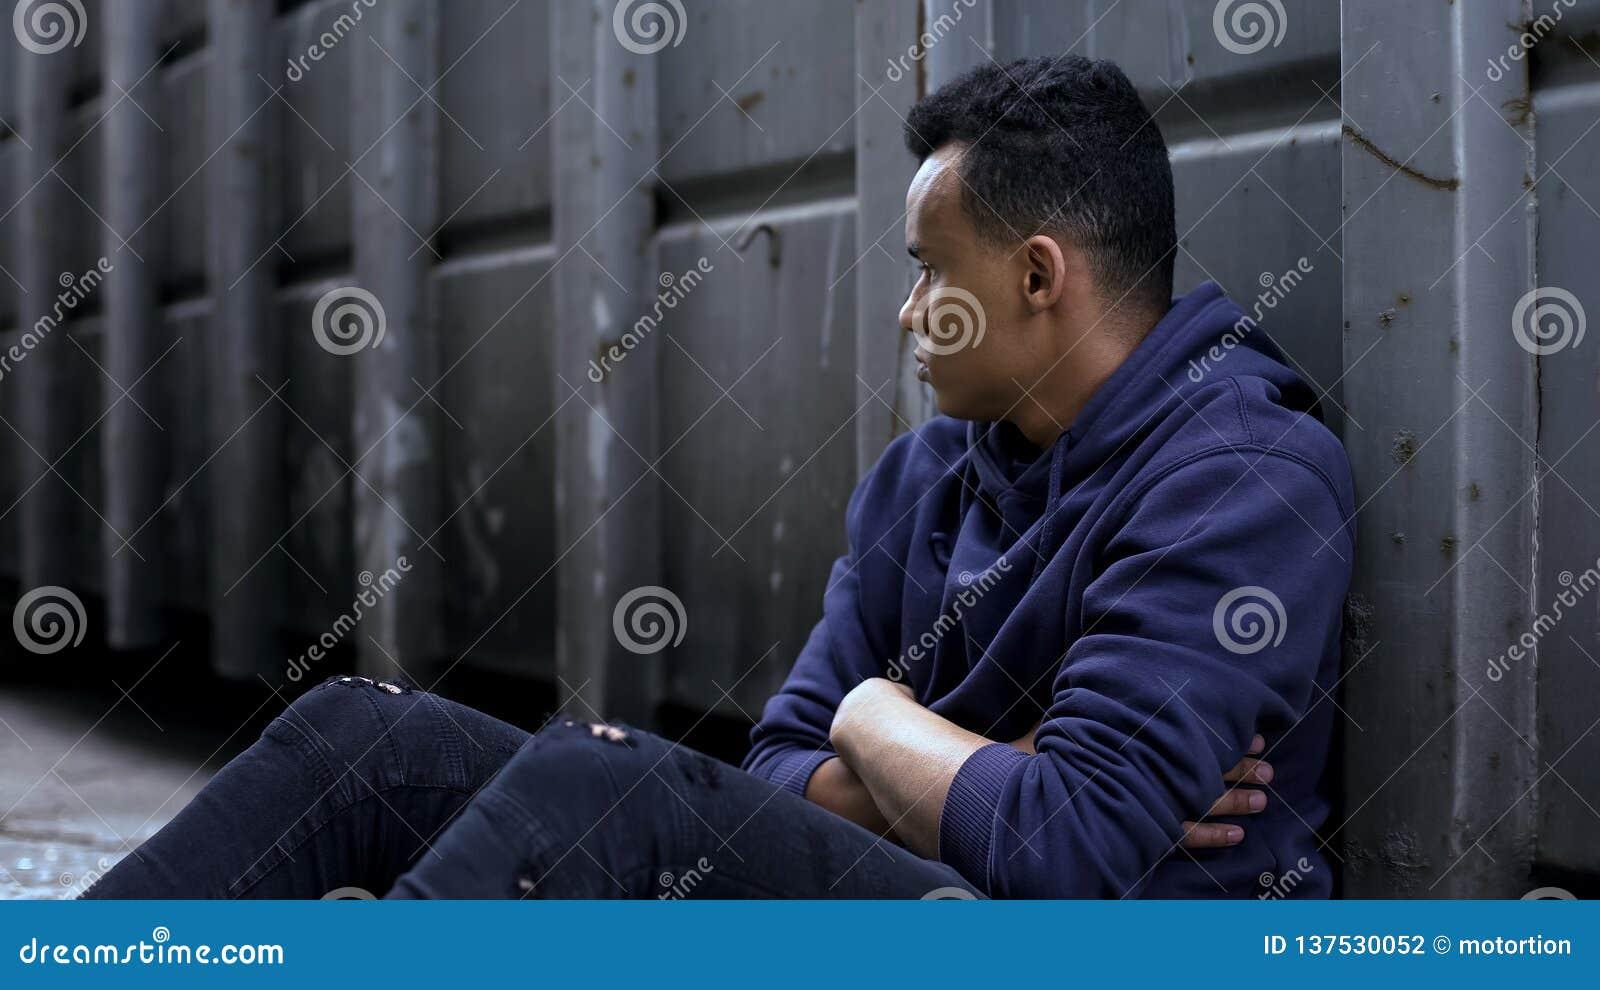 Hemlös pojke för afrikansk amerikan bara i det hopplösa läget, sociala problem